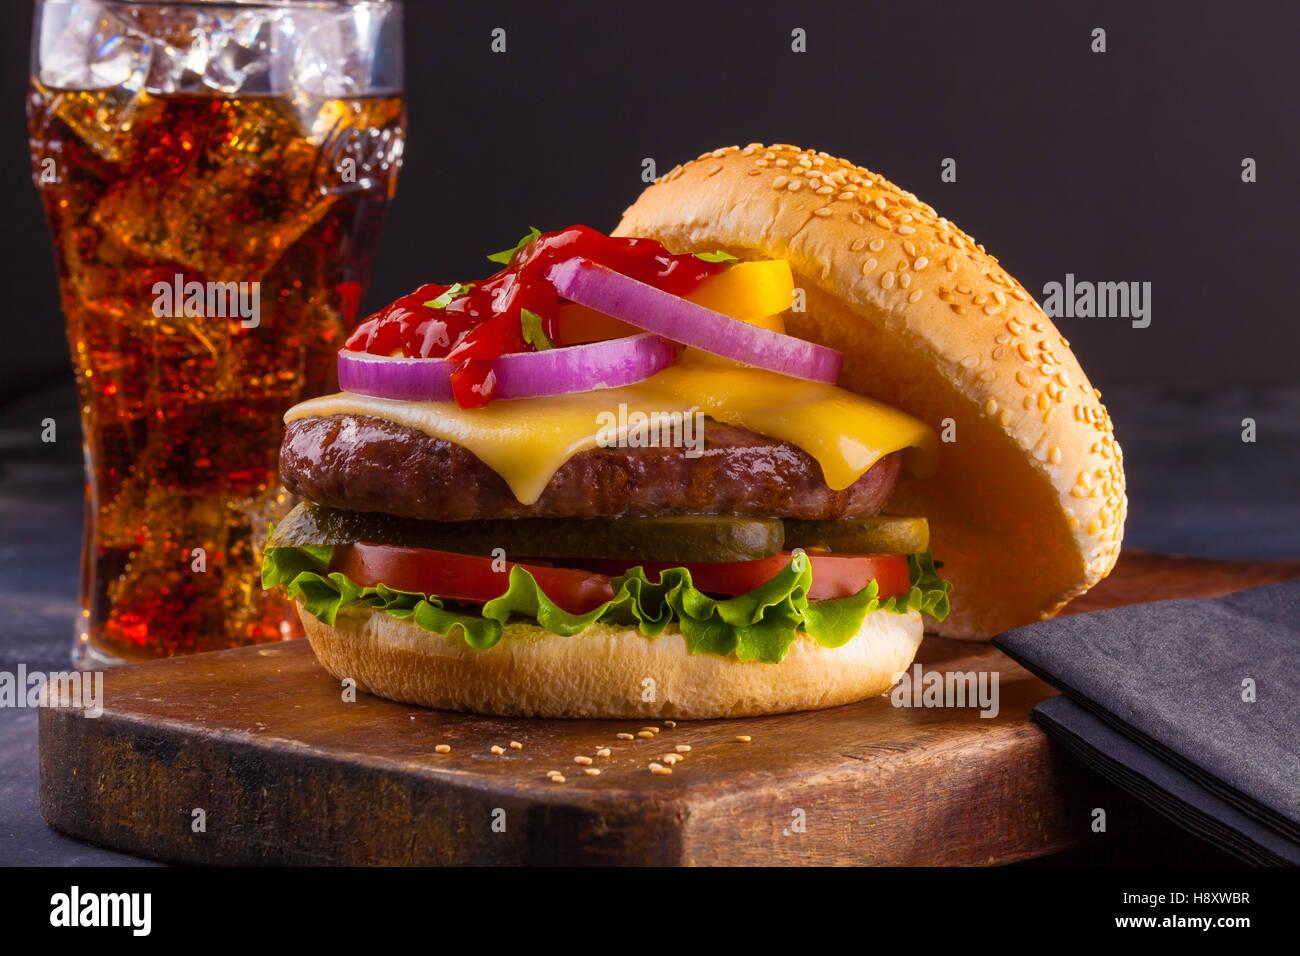 Una deliziosa casa cheeseburger con cipolle rosse, sottaceti, pomodori, lattuga e ketchup. Foto Stock